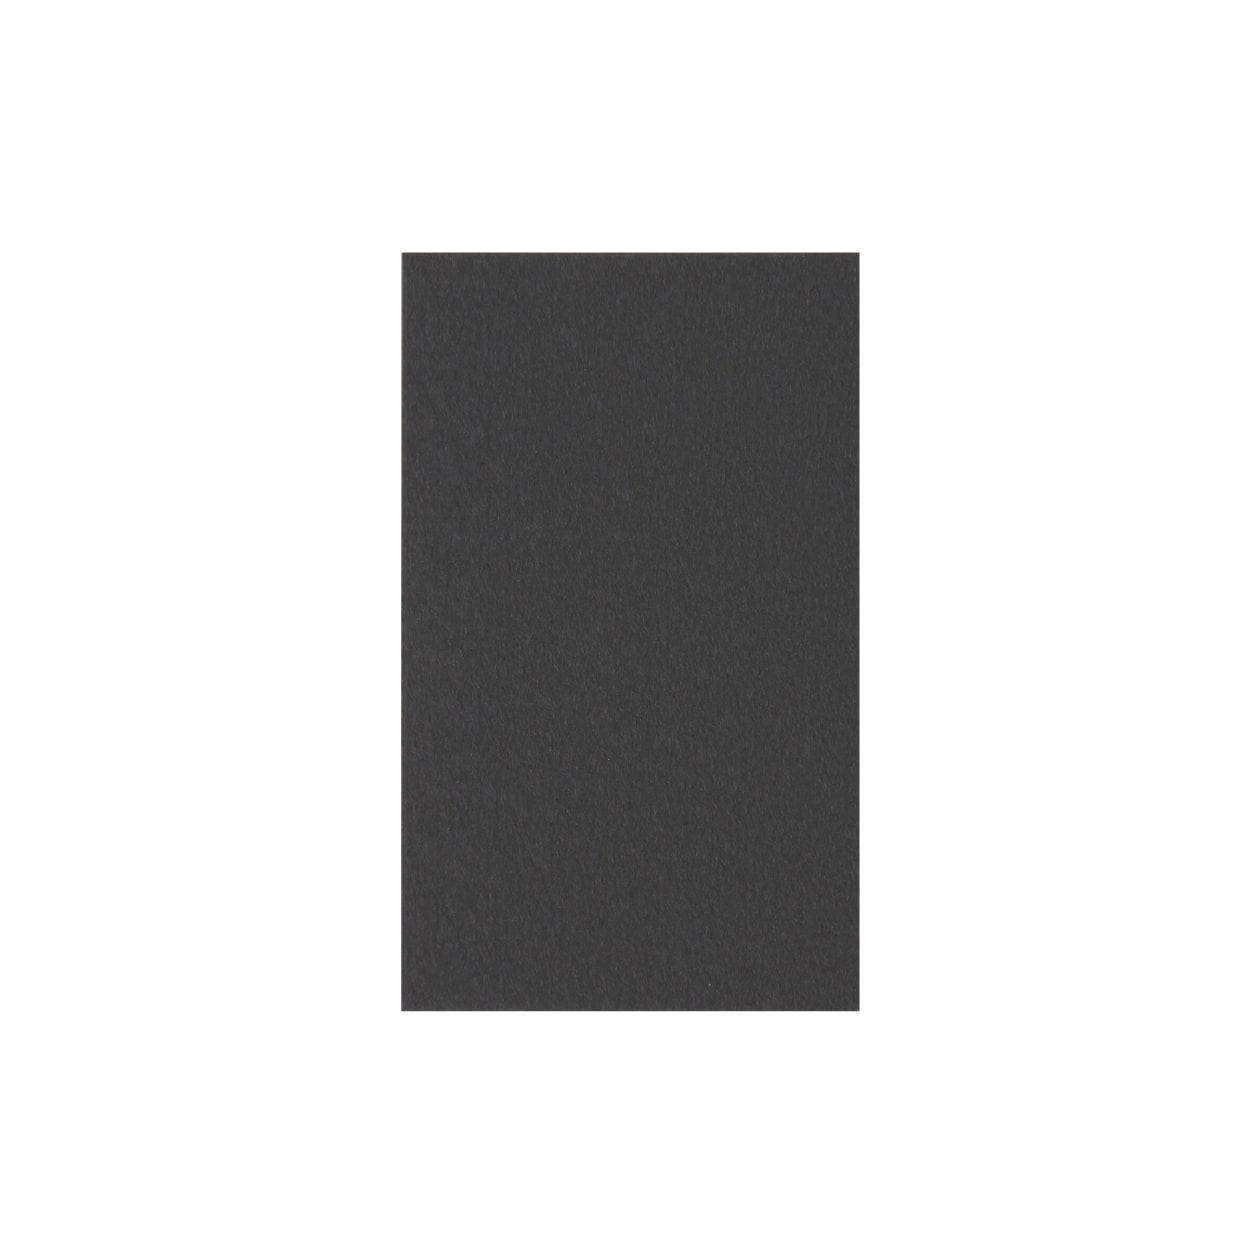 サンプル カード・シート 00154